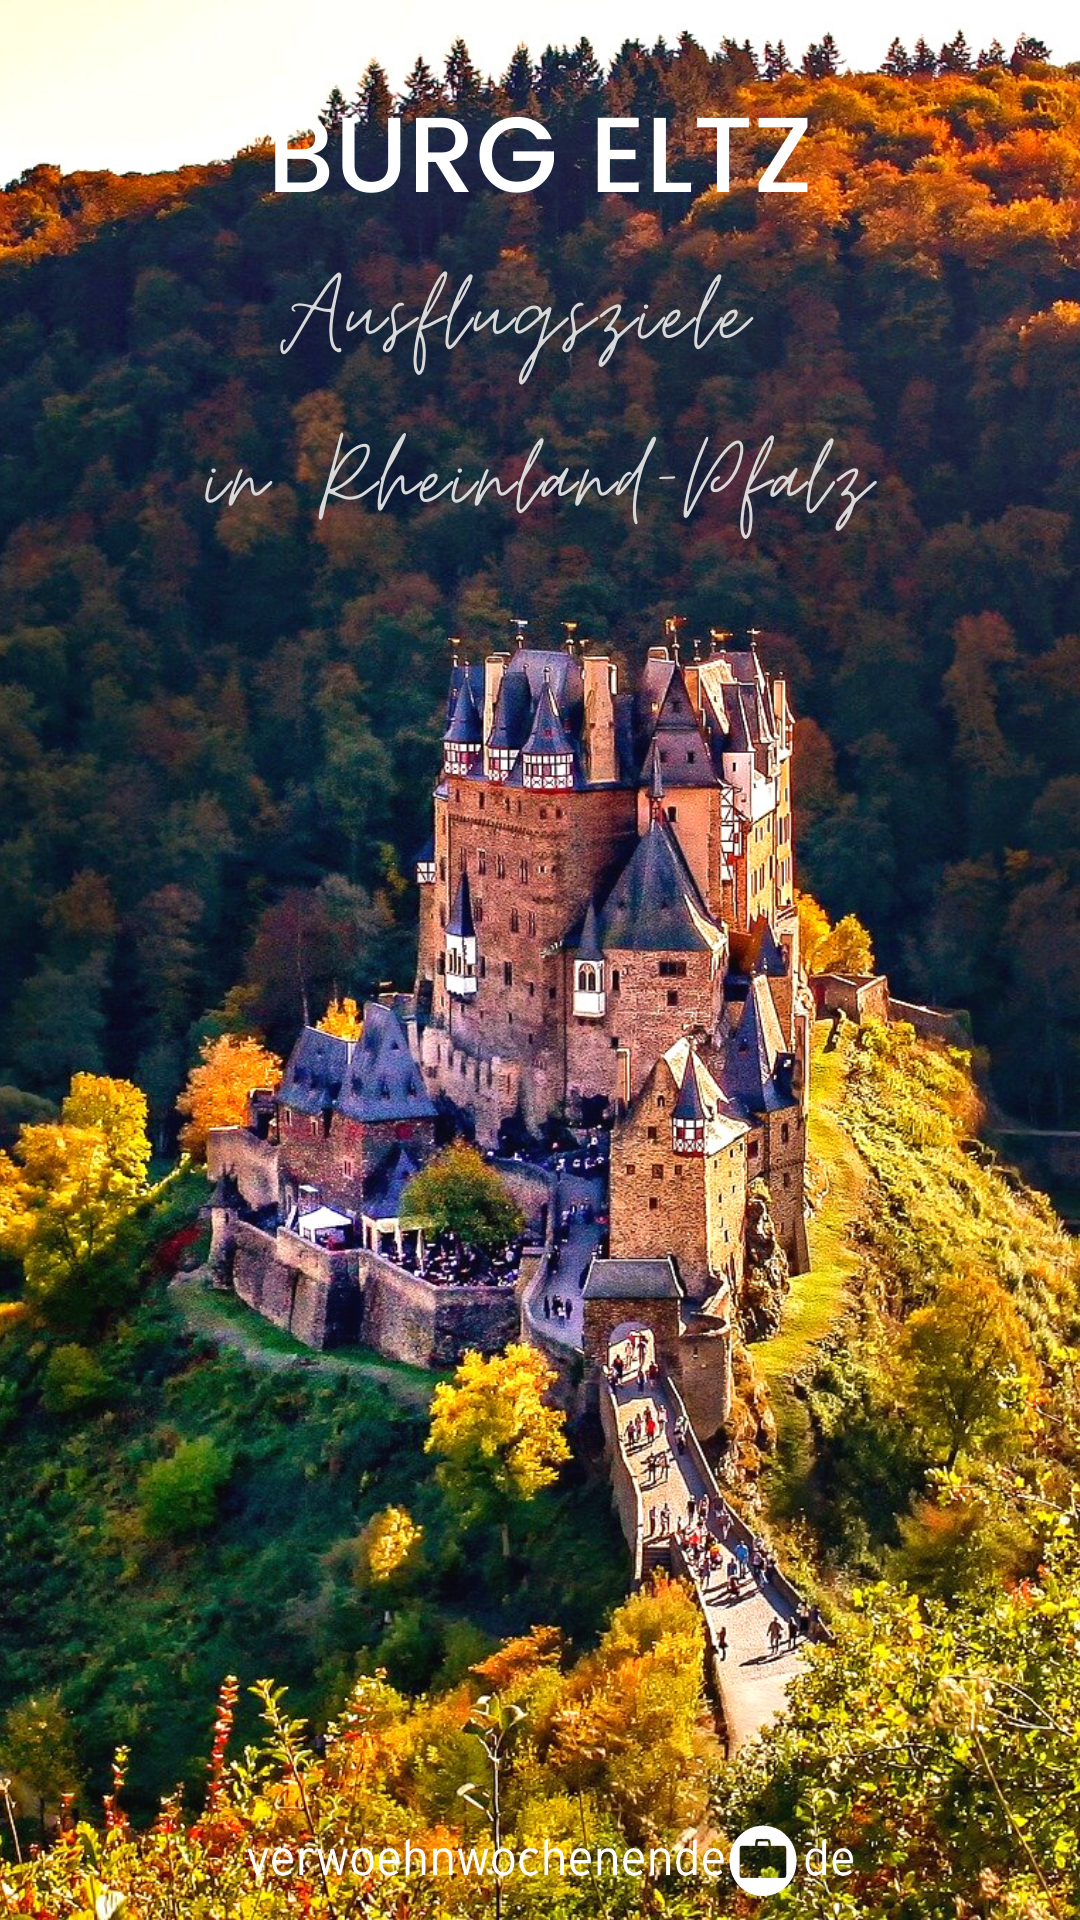 Burg Eltz Ausflugsziele In Rheinland Pfalz In 2020 Sehenswurdigkeiten Rheinland Pfalz Ausflug Ausflugsziele Rheinland Pfalz